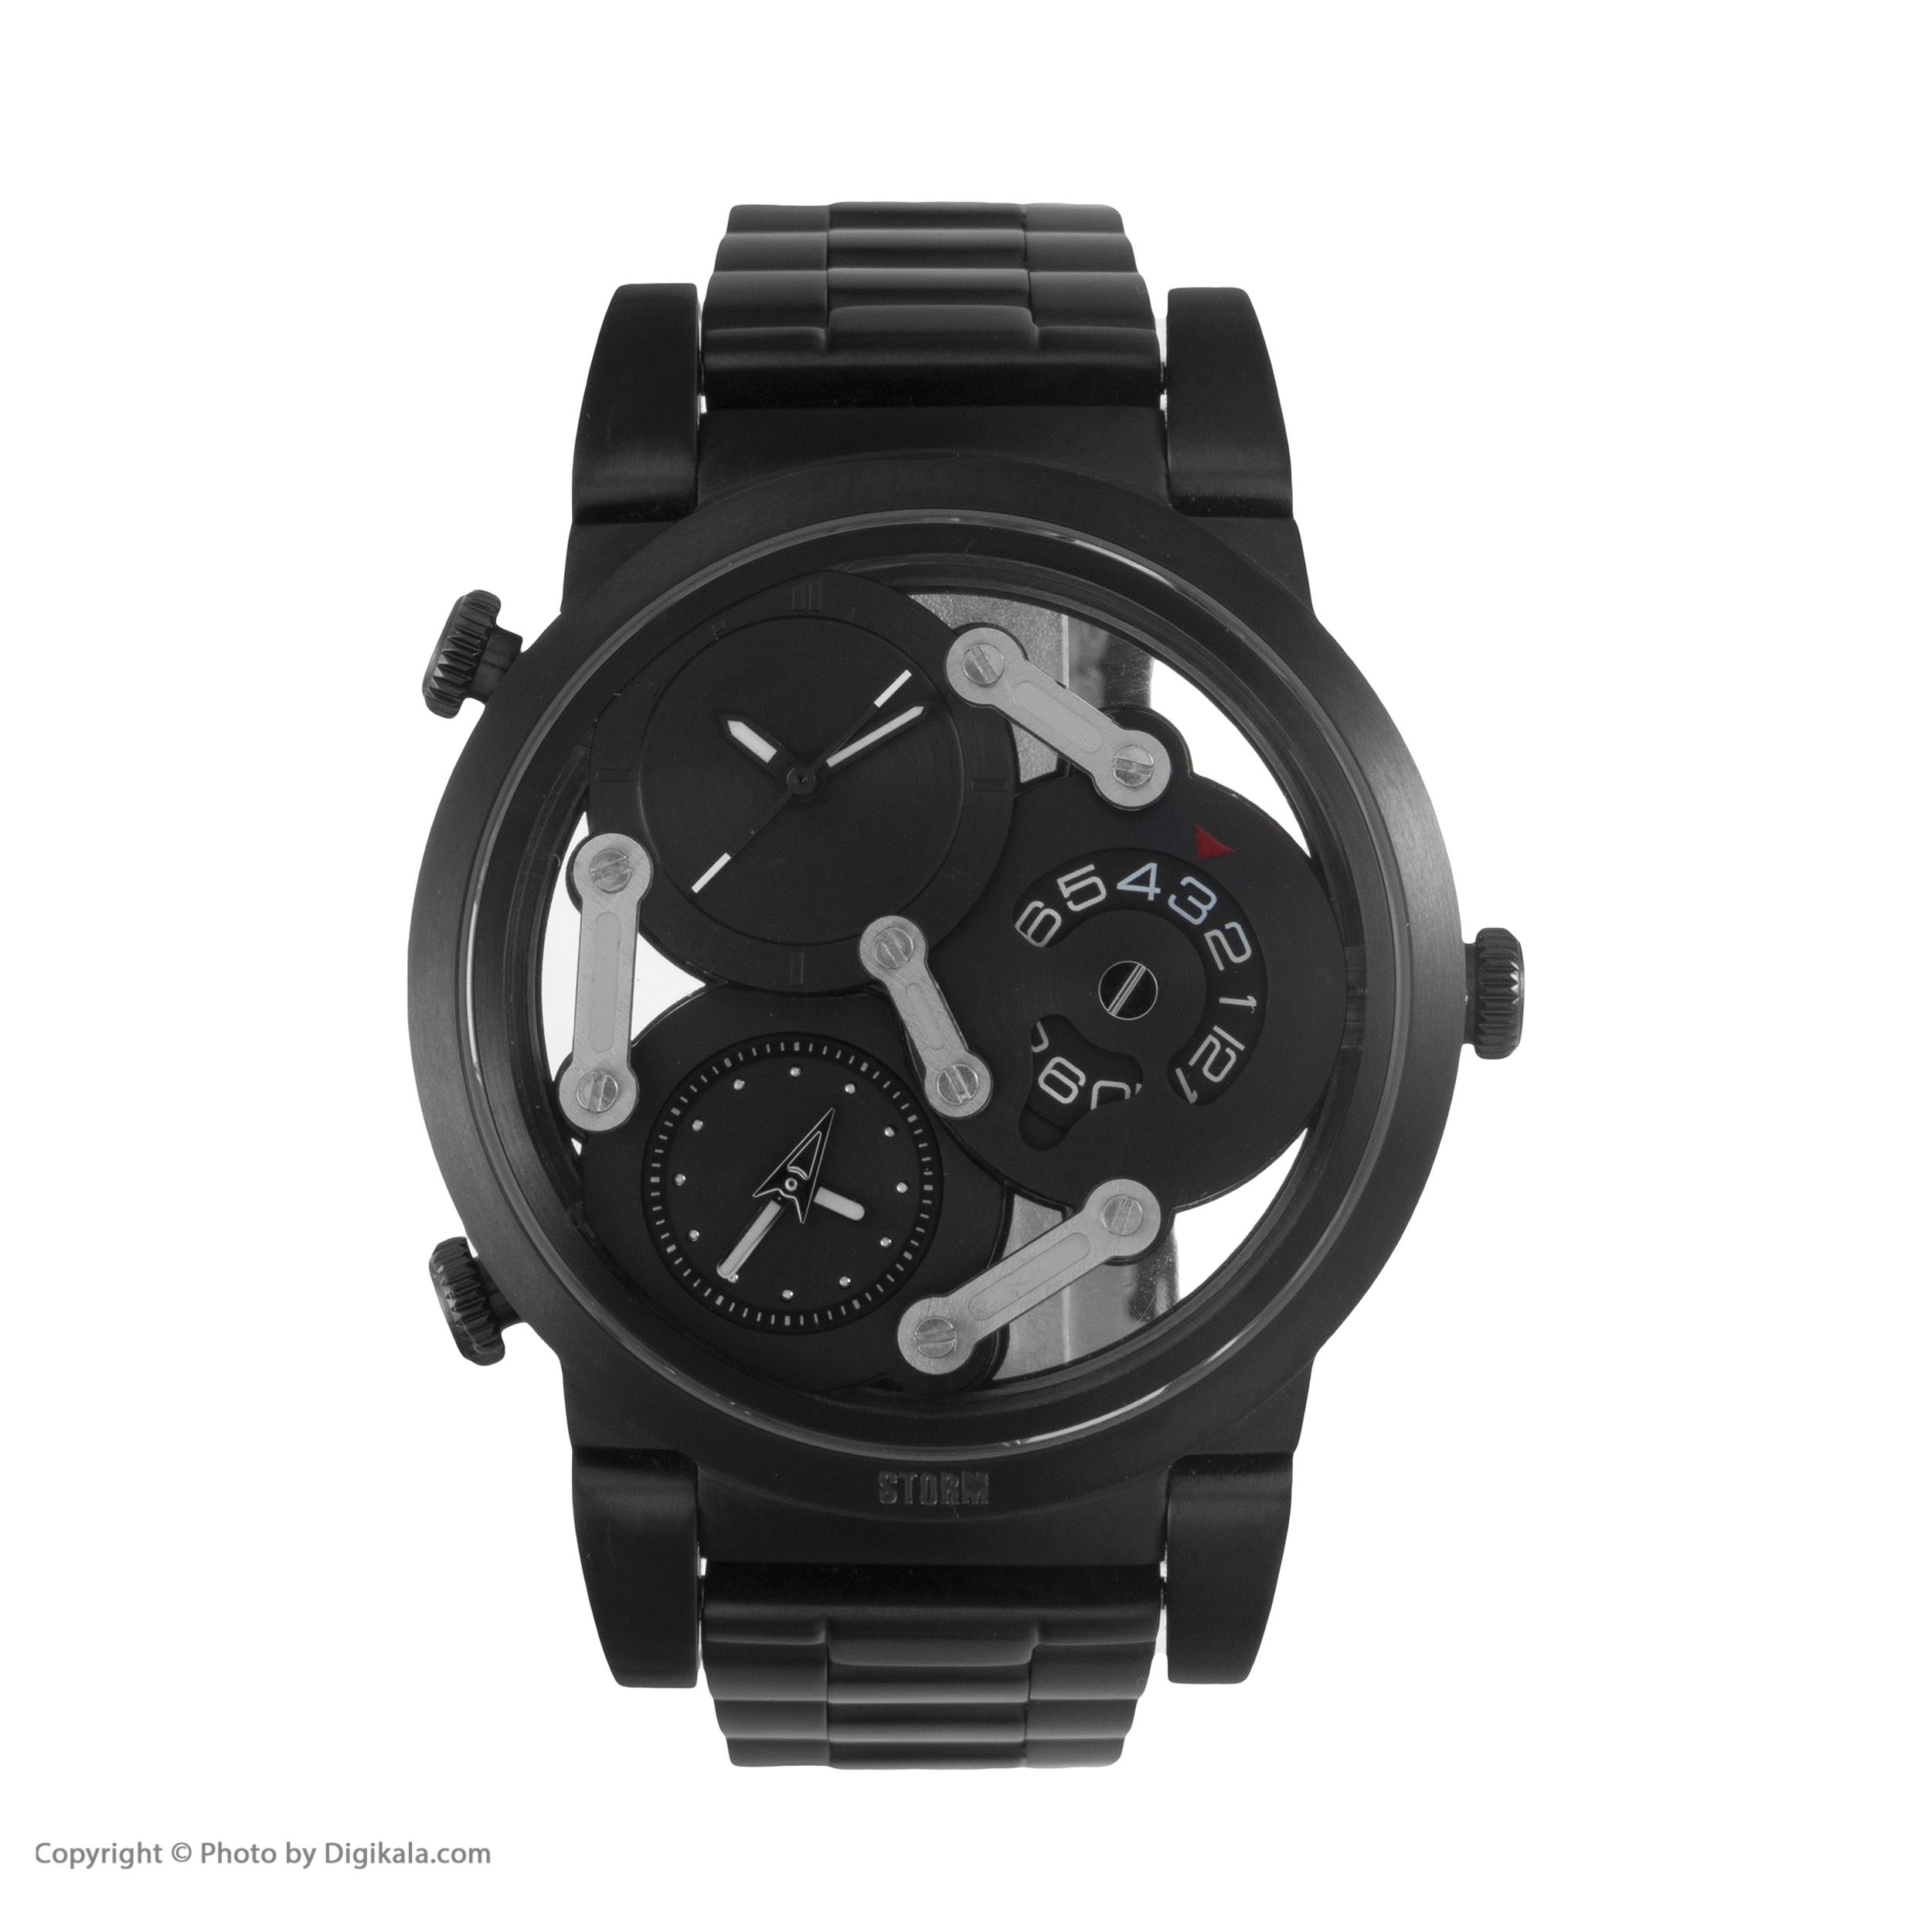 ساعت مچی عقربه ای مردانه استورم مدل ST 47236-SL